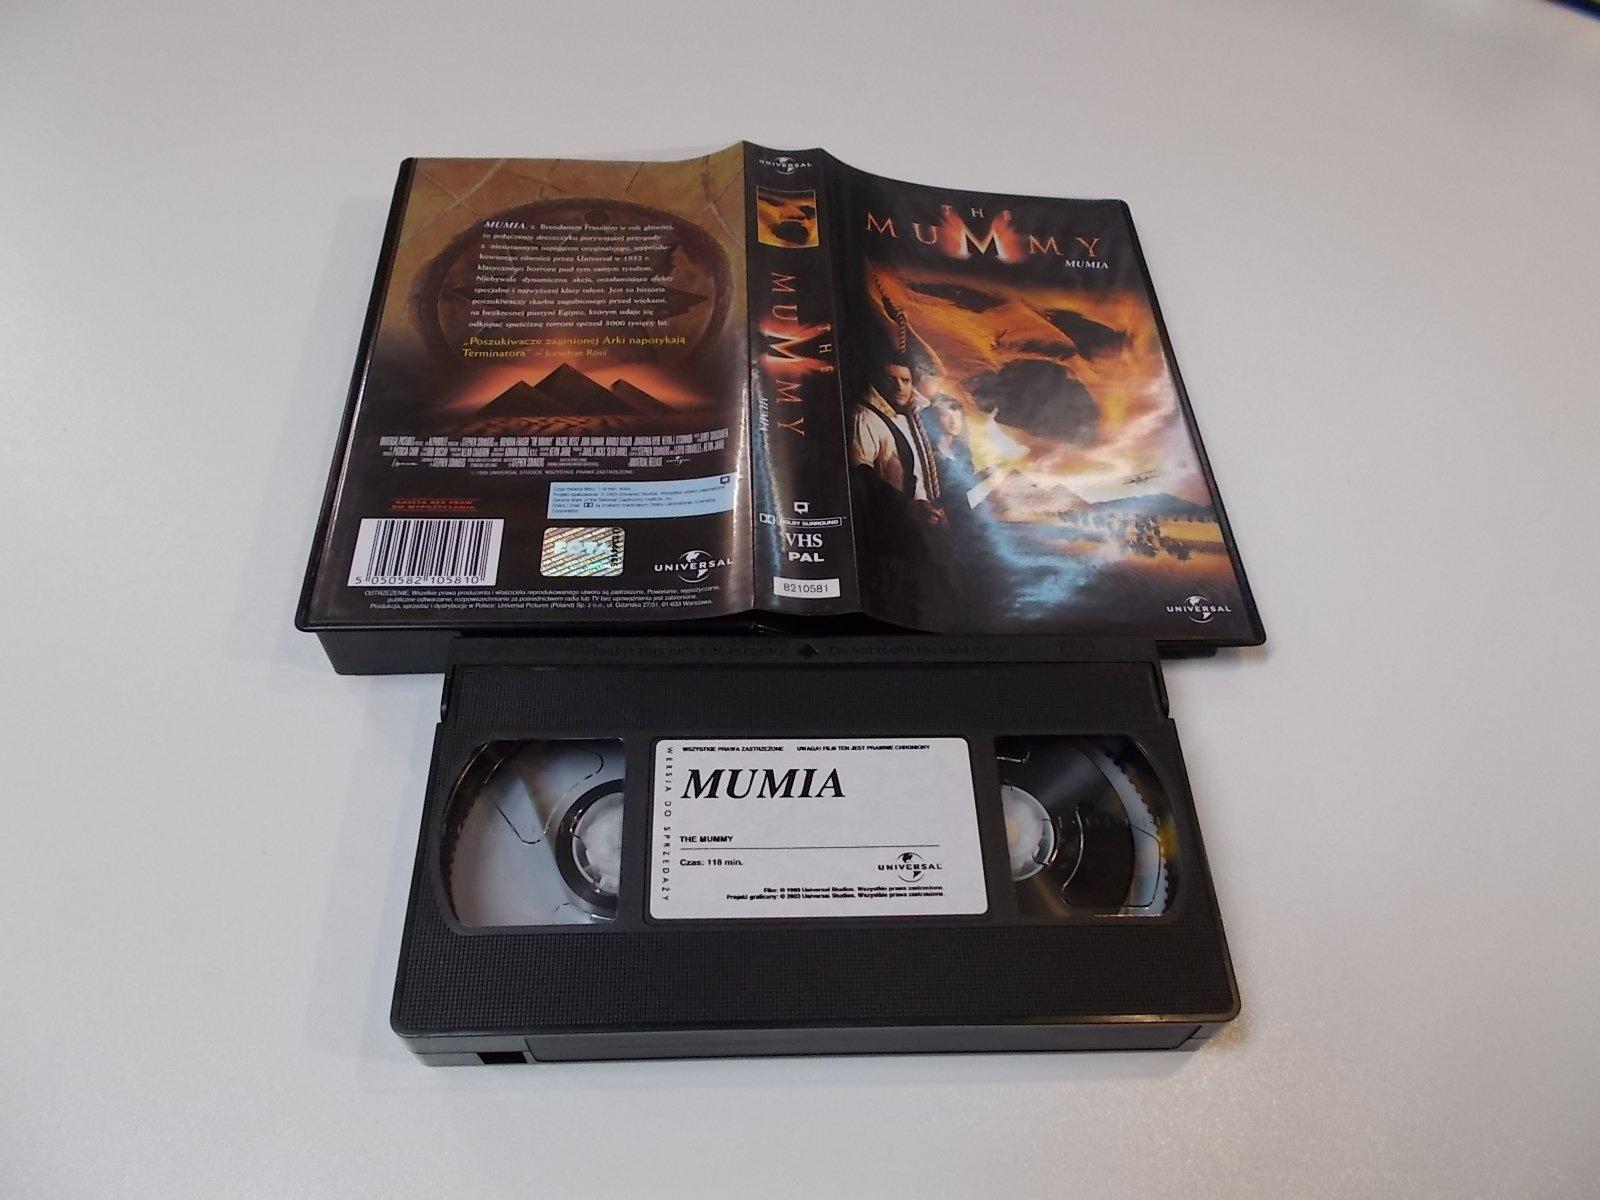 MUMIA - VHS Kaseta Video - Opole 1686